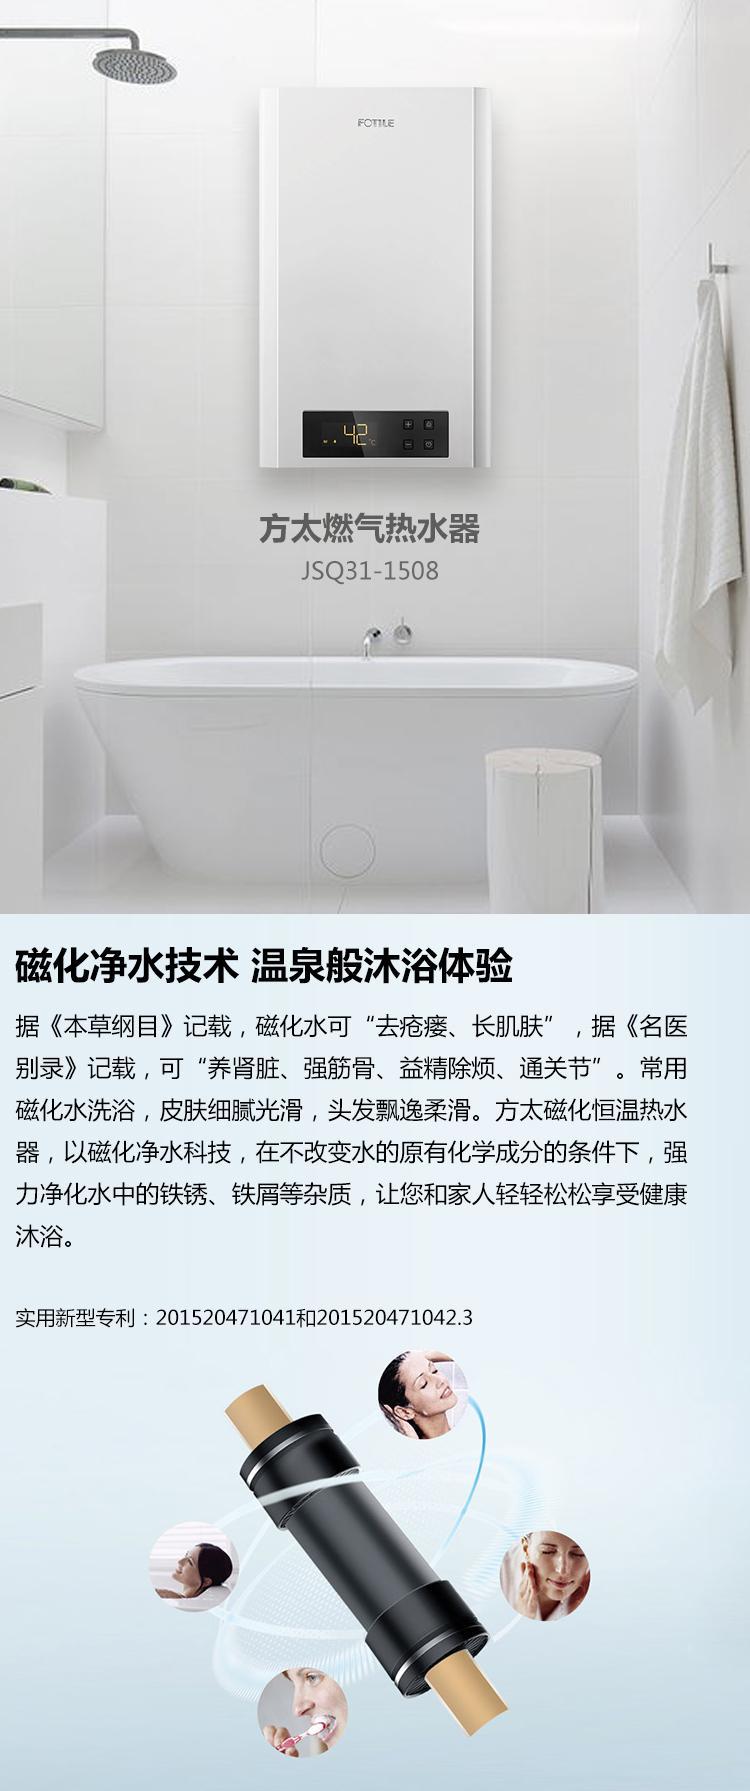 方太(FOTILE)16升 强排式燃气热水器 天然气热水器 JSQ31-1508